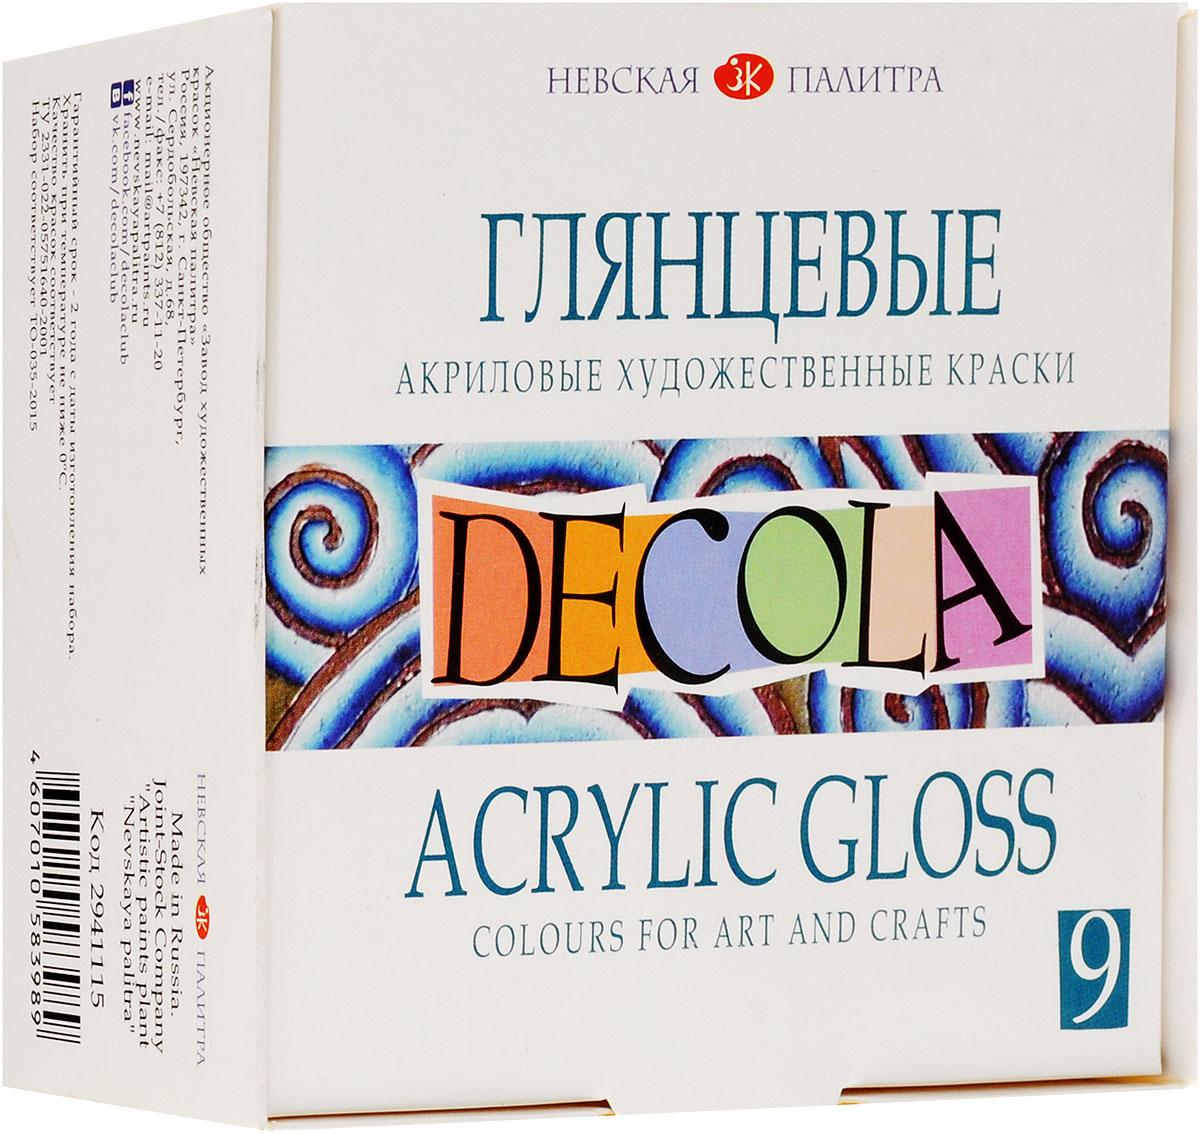 Decola Глянцевые акриловые художественные краски 9 цветовFS-00897Краски на основе водной акриловой дисперсии.Они легко наносятся на любую поверхность (бумагу, картон, грунтованный холст, дерево, металл, кожу), обладают высокой укрывистостью, хорошо смешиваются, быстро высыхают. После высыхания краски приобретают однородную глянцевый блеск, не смываются водой.В упаковке краска 9 цветов.